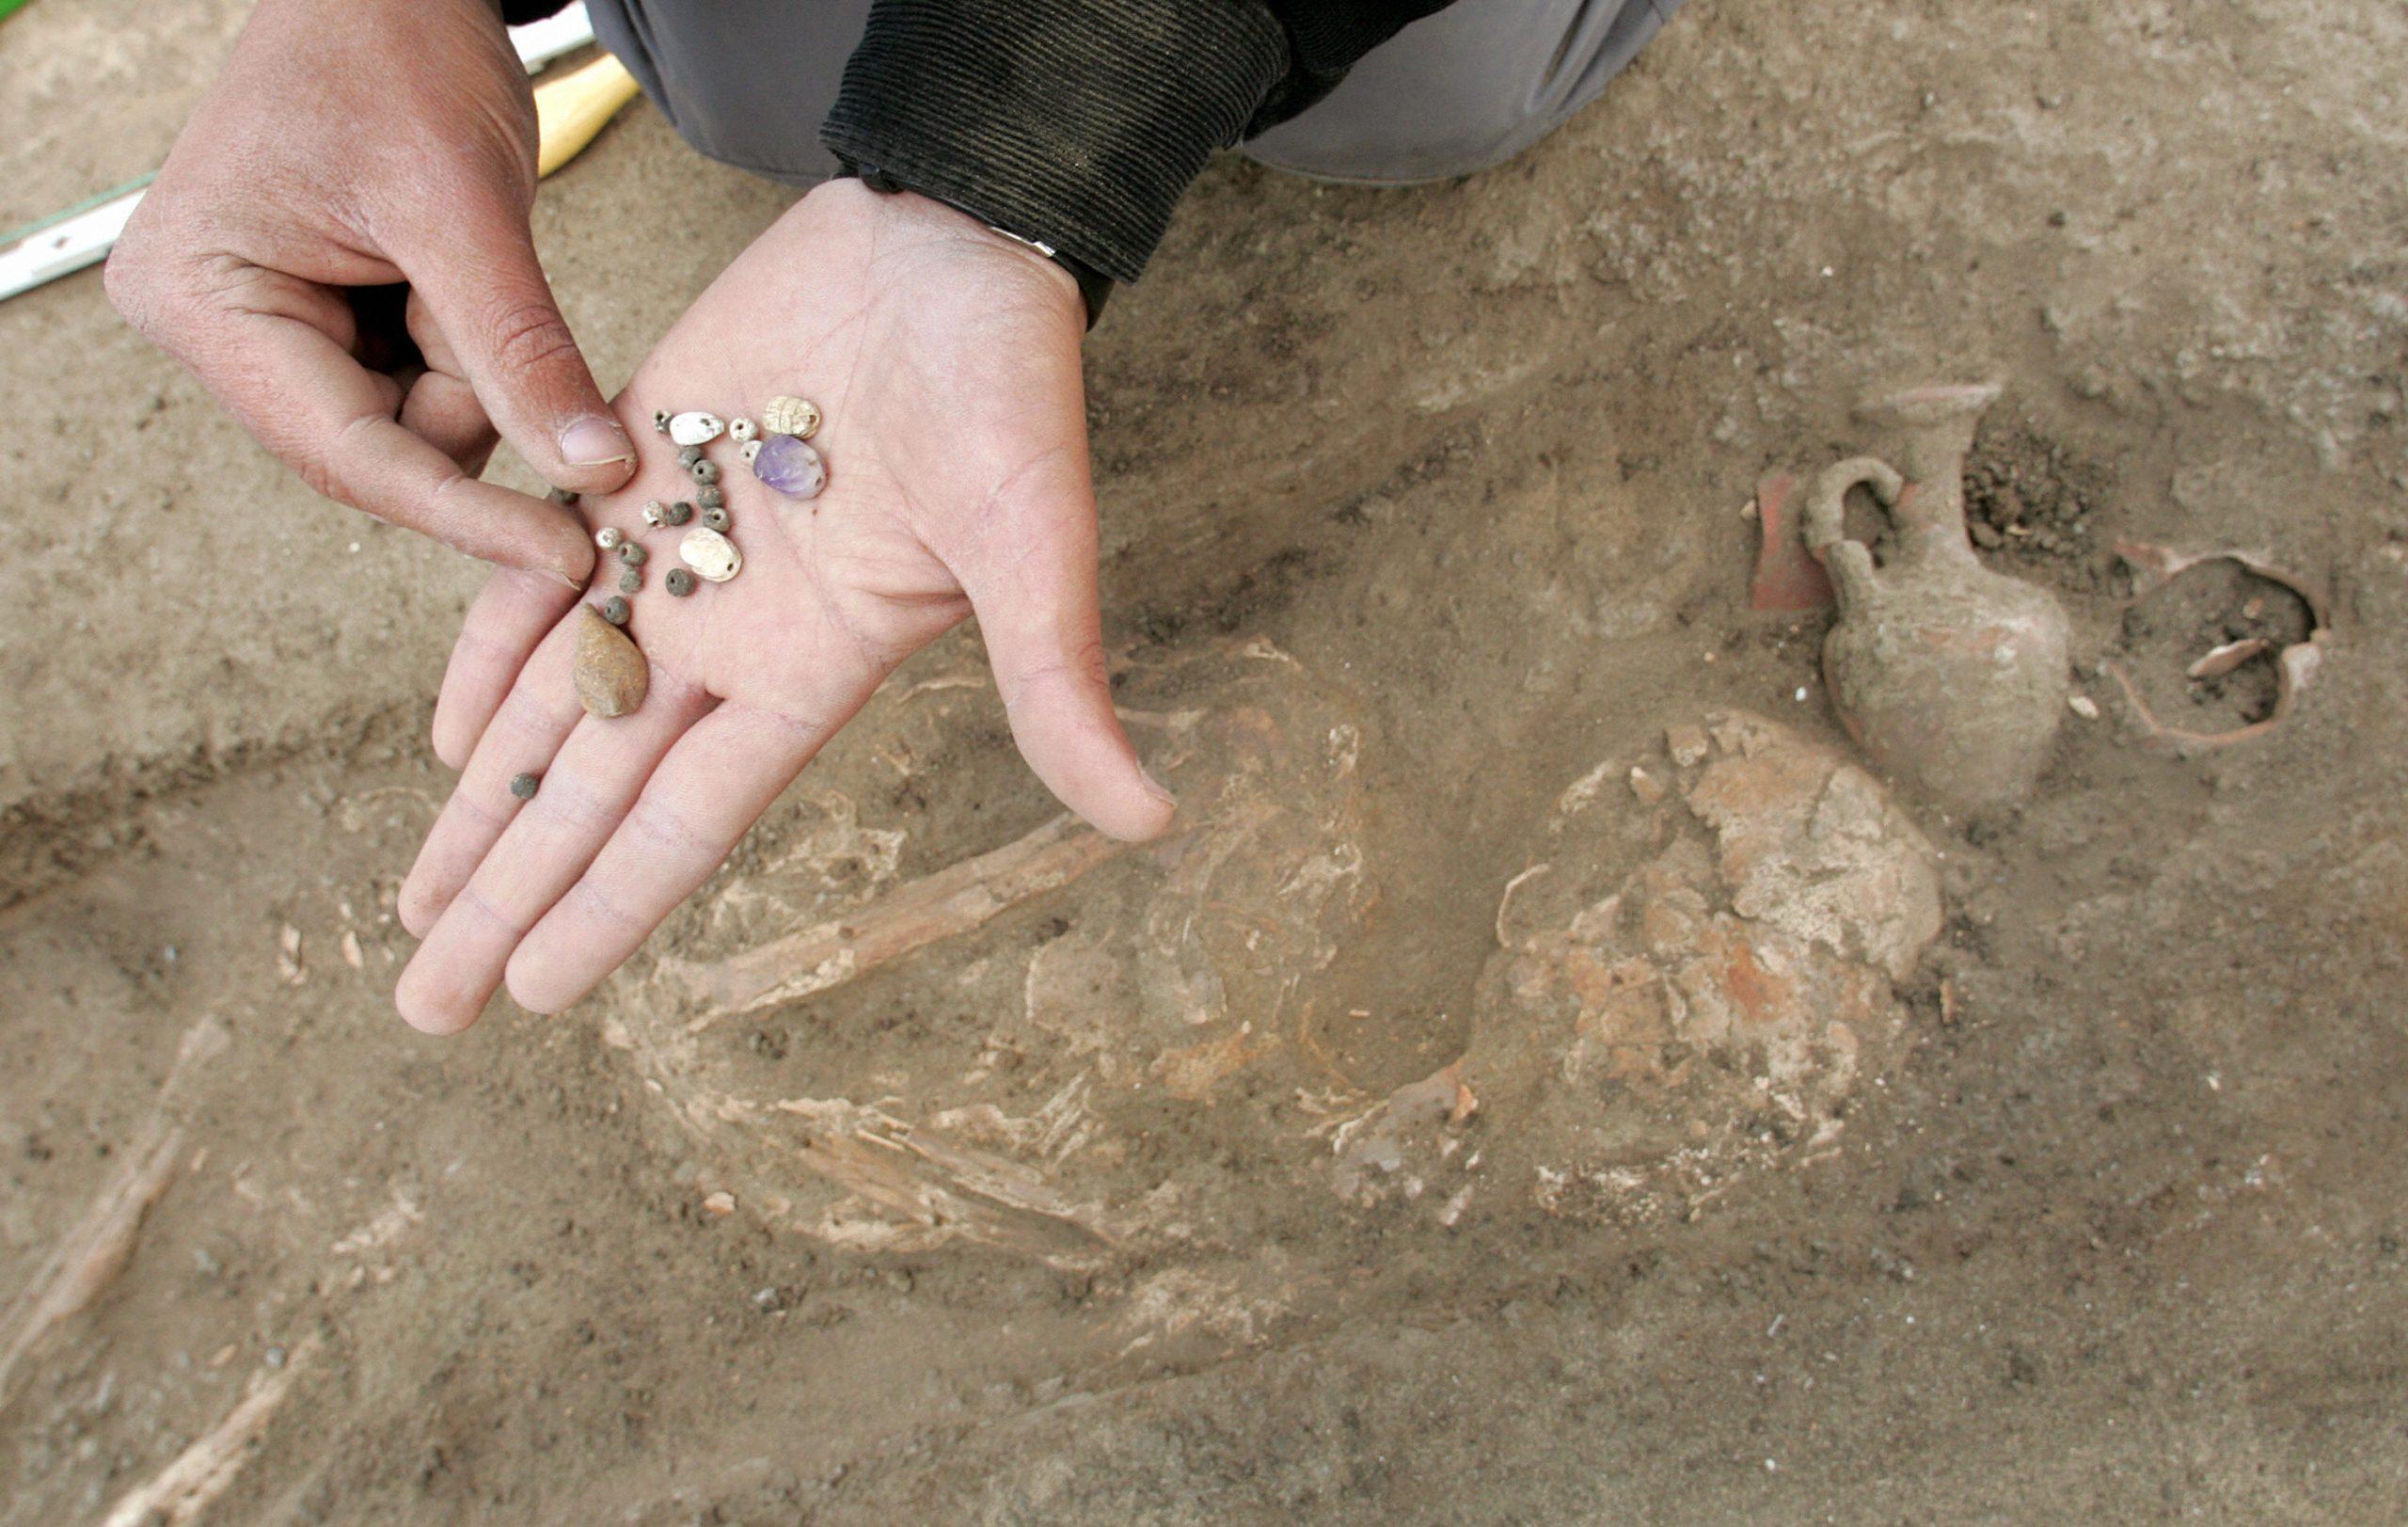 پیرو میں کھدائی کے دوران  800 سال قبل دفن کیے گئے افراد کی باقیات،  برتن اور بانسری دریافت